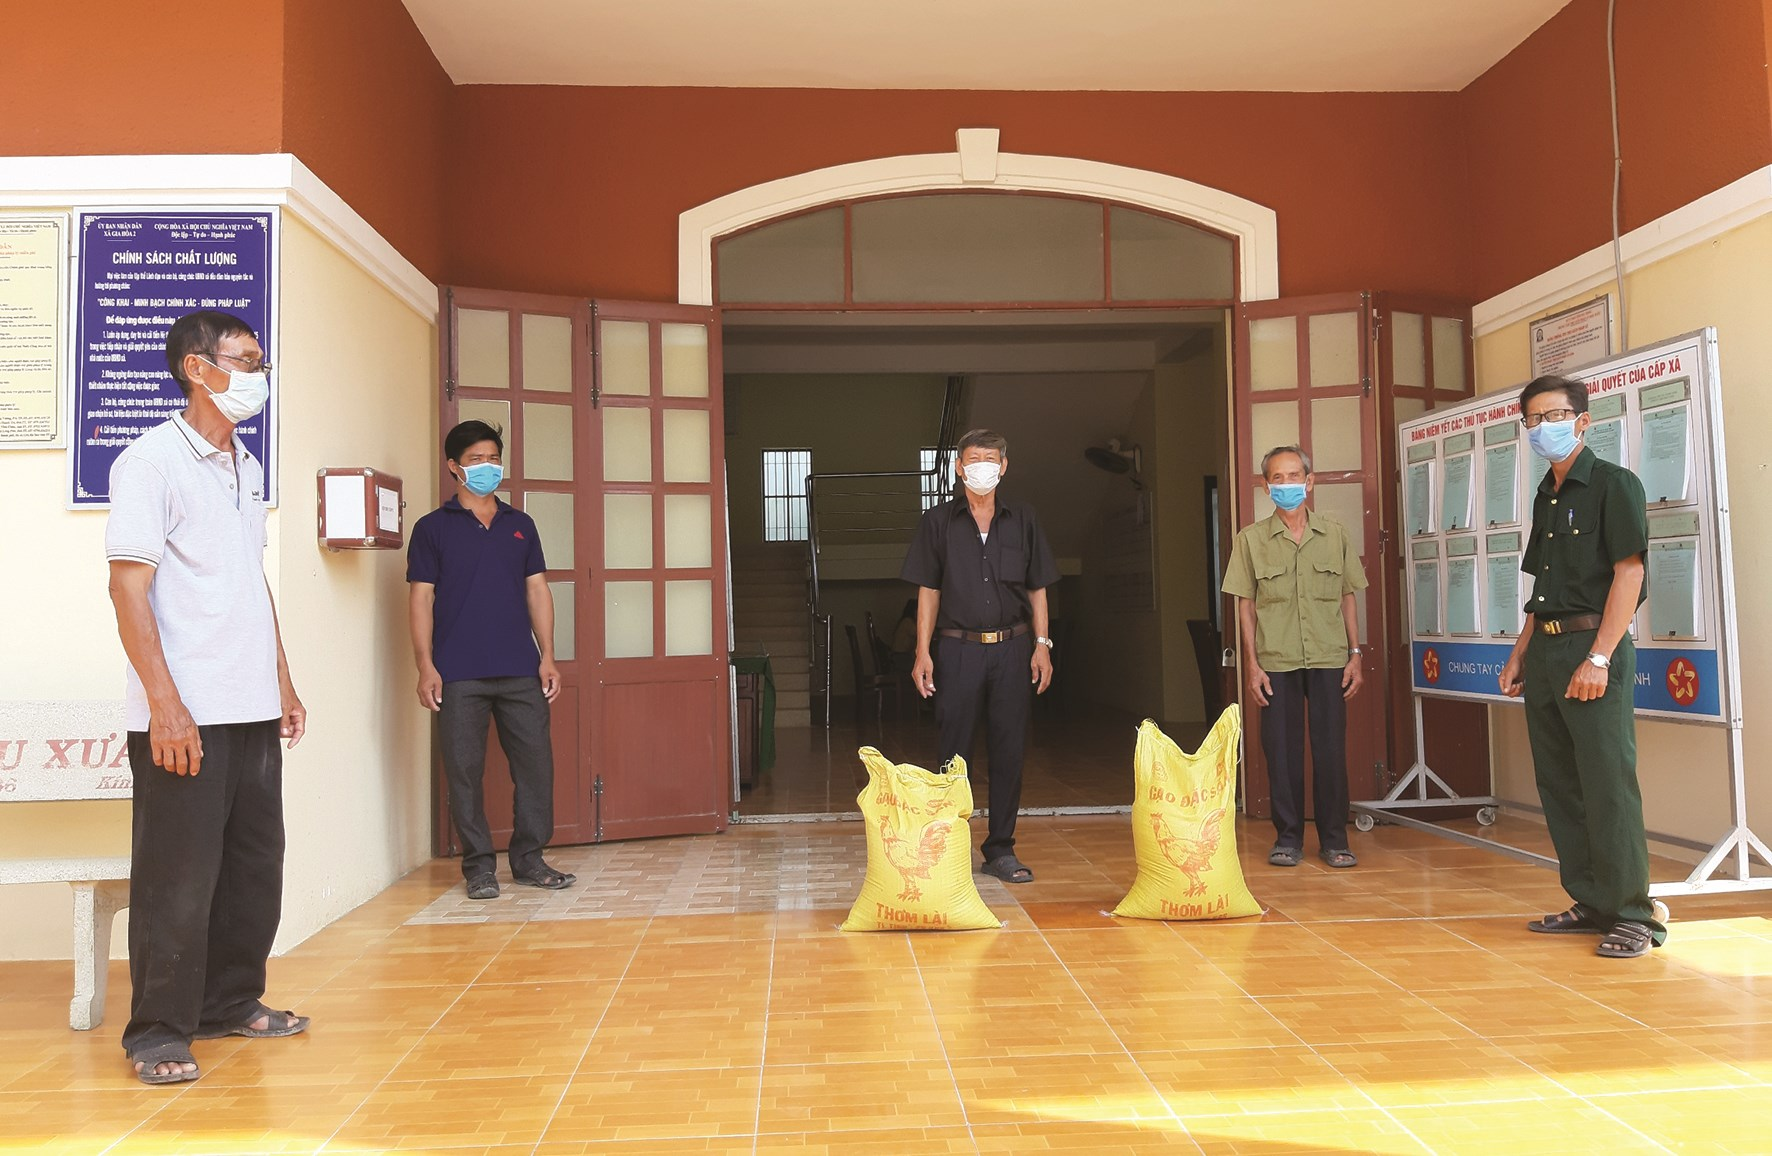 Hội Từ thiện CCB xã Gia Hòa 2 phối hợp với Ủy ban Mặt trận Tổ quốc xã Gia Hòa 2 trao tặng gạo cho hộ nghèo trong thời gian phòng, chống dịch Covid-19.